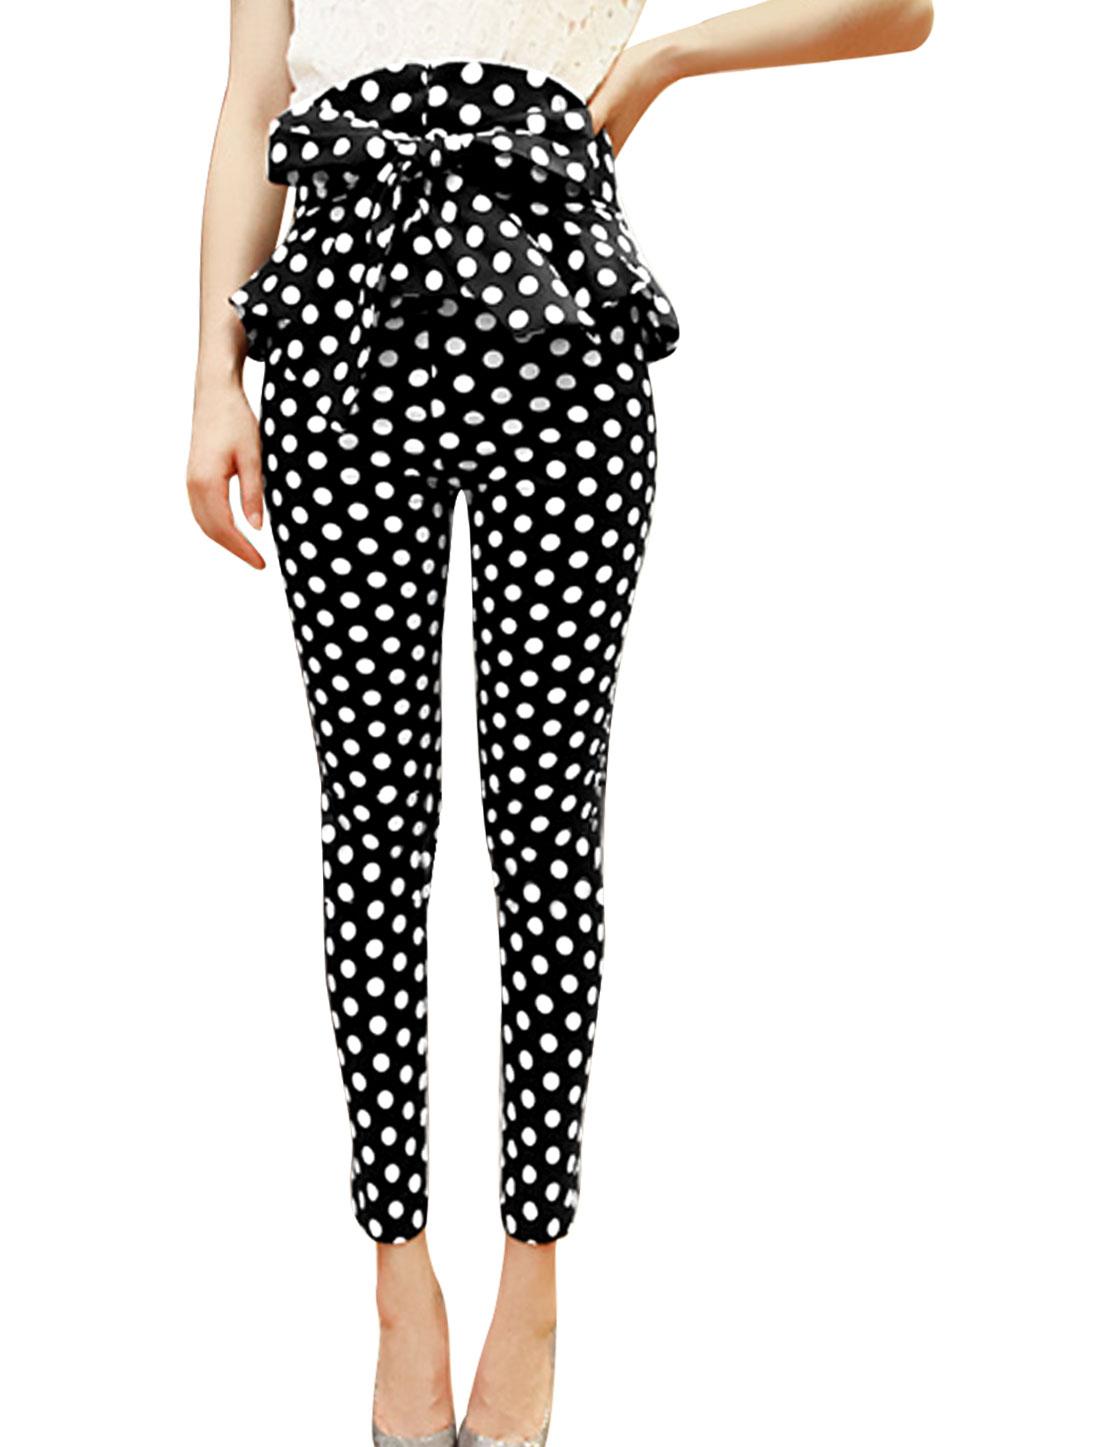 Lady Hidden Zipper Back Dots Pattern Self-Tie Waist Strap Pants Black S